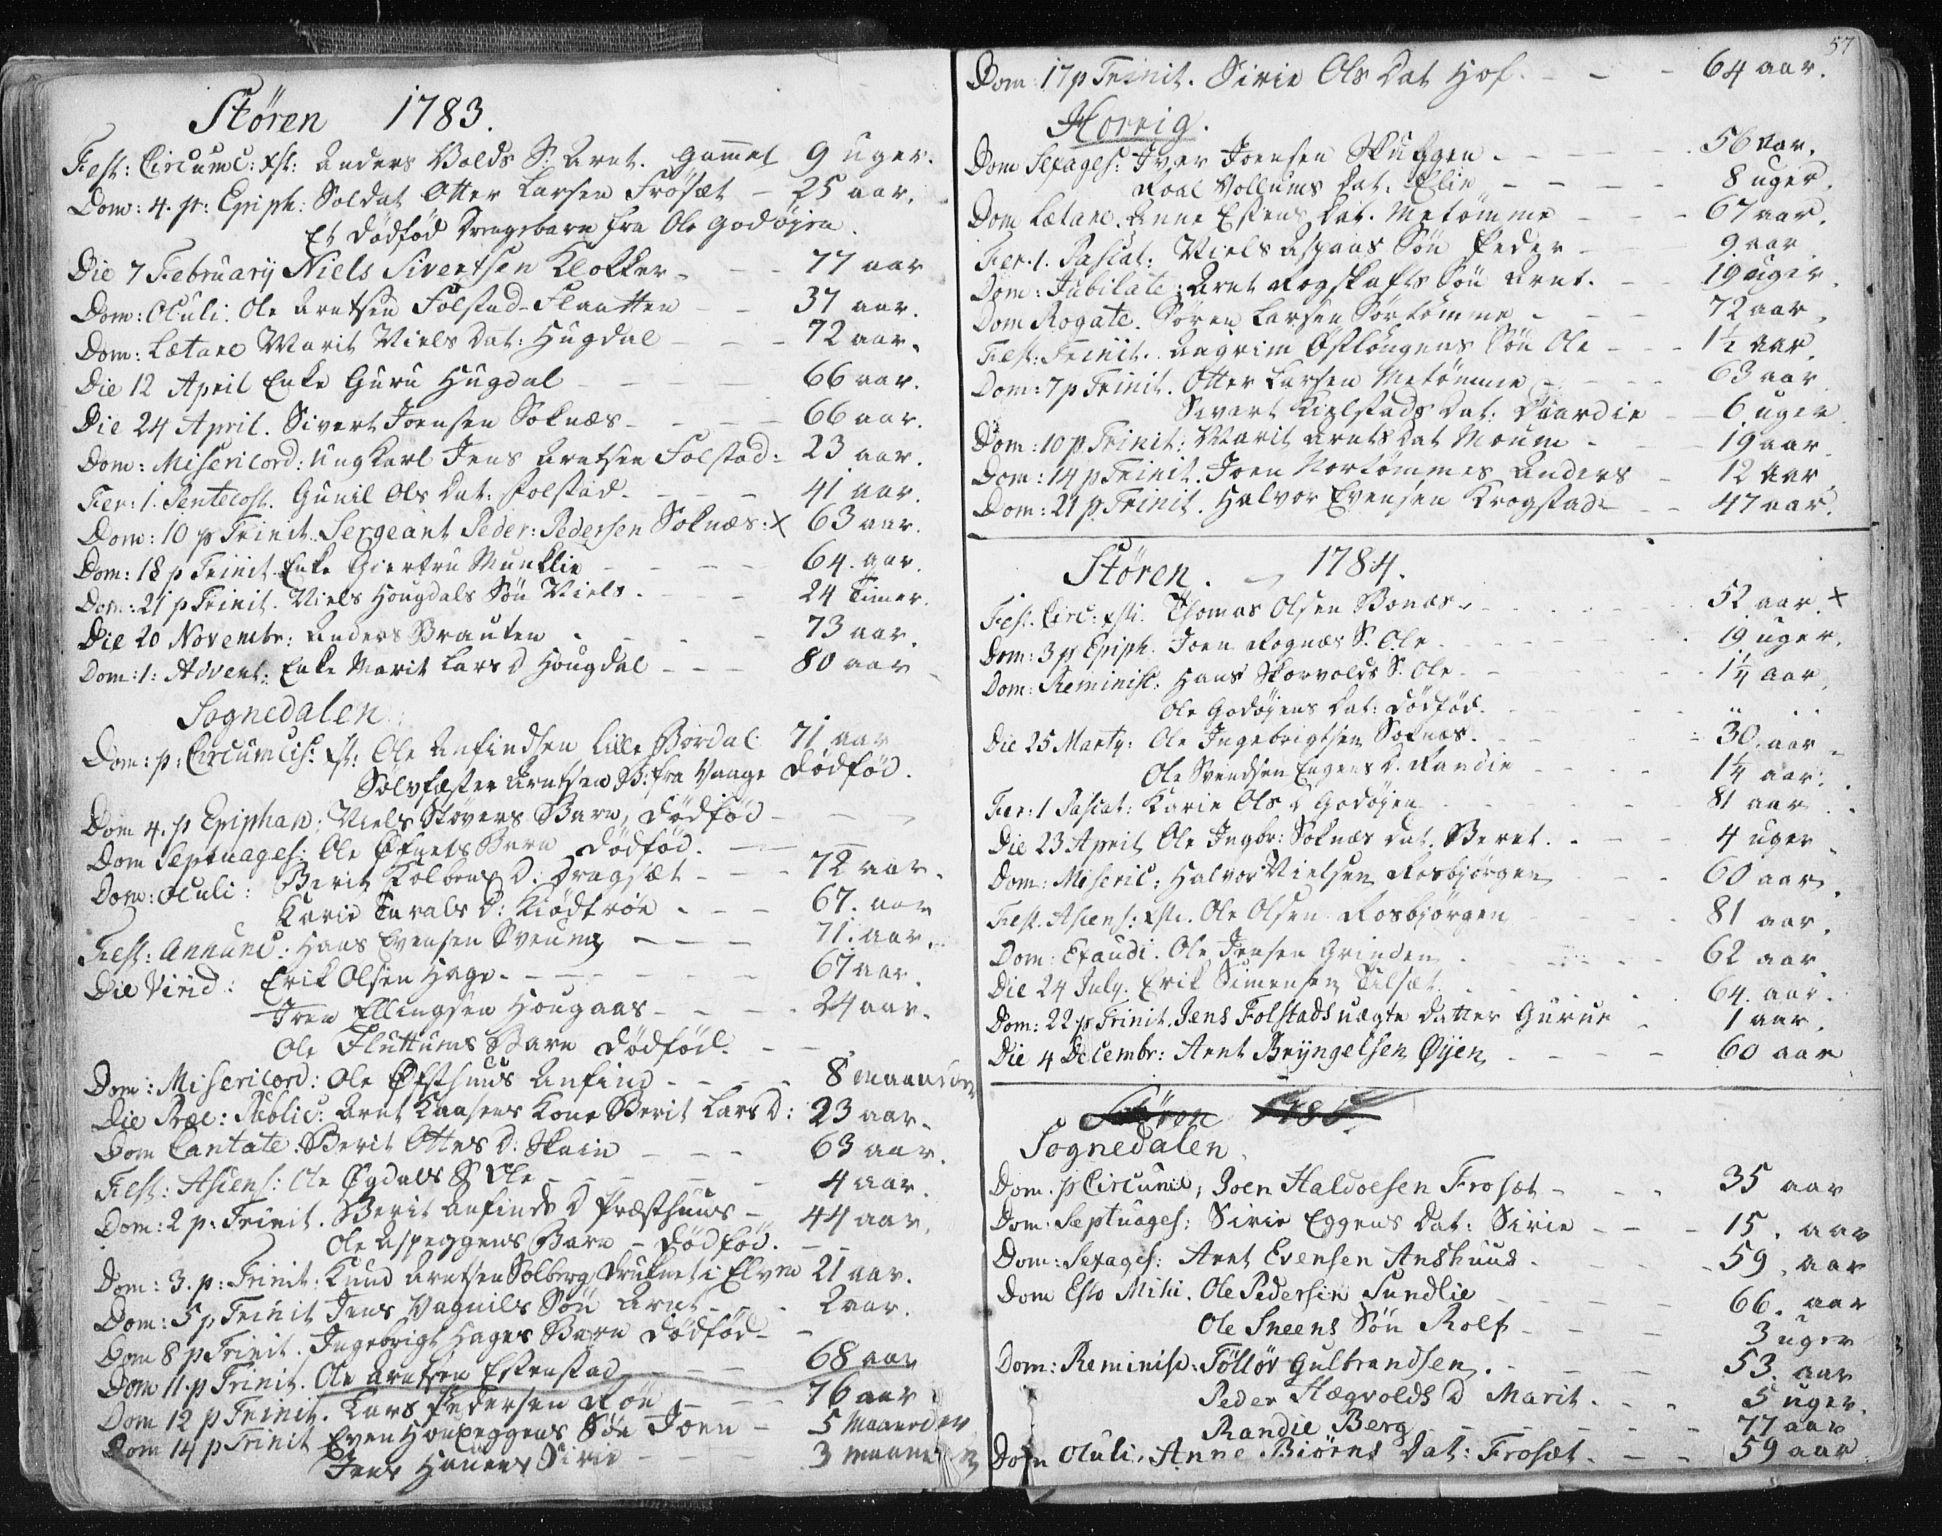 SAT, Ministerialprotokoller, klokkerbøker og fødselsregistre - Sør-Trøndelag, 687/L0991: Ministerialbok nr. 687A02, 1747-1790, s. 57